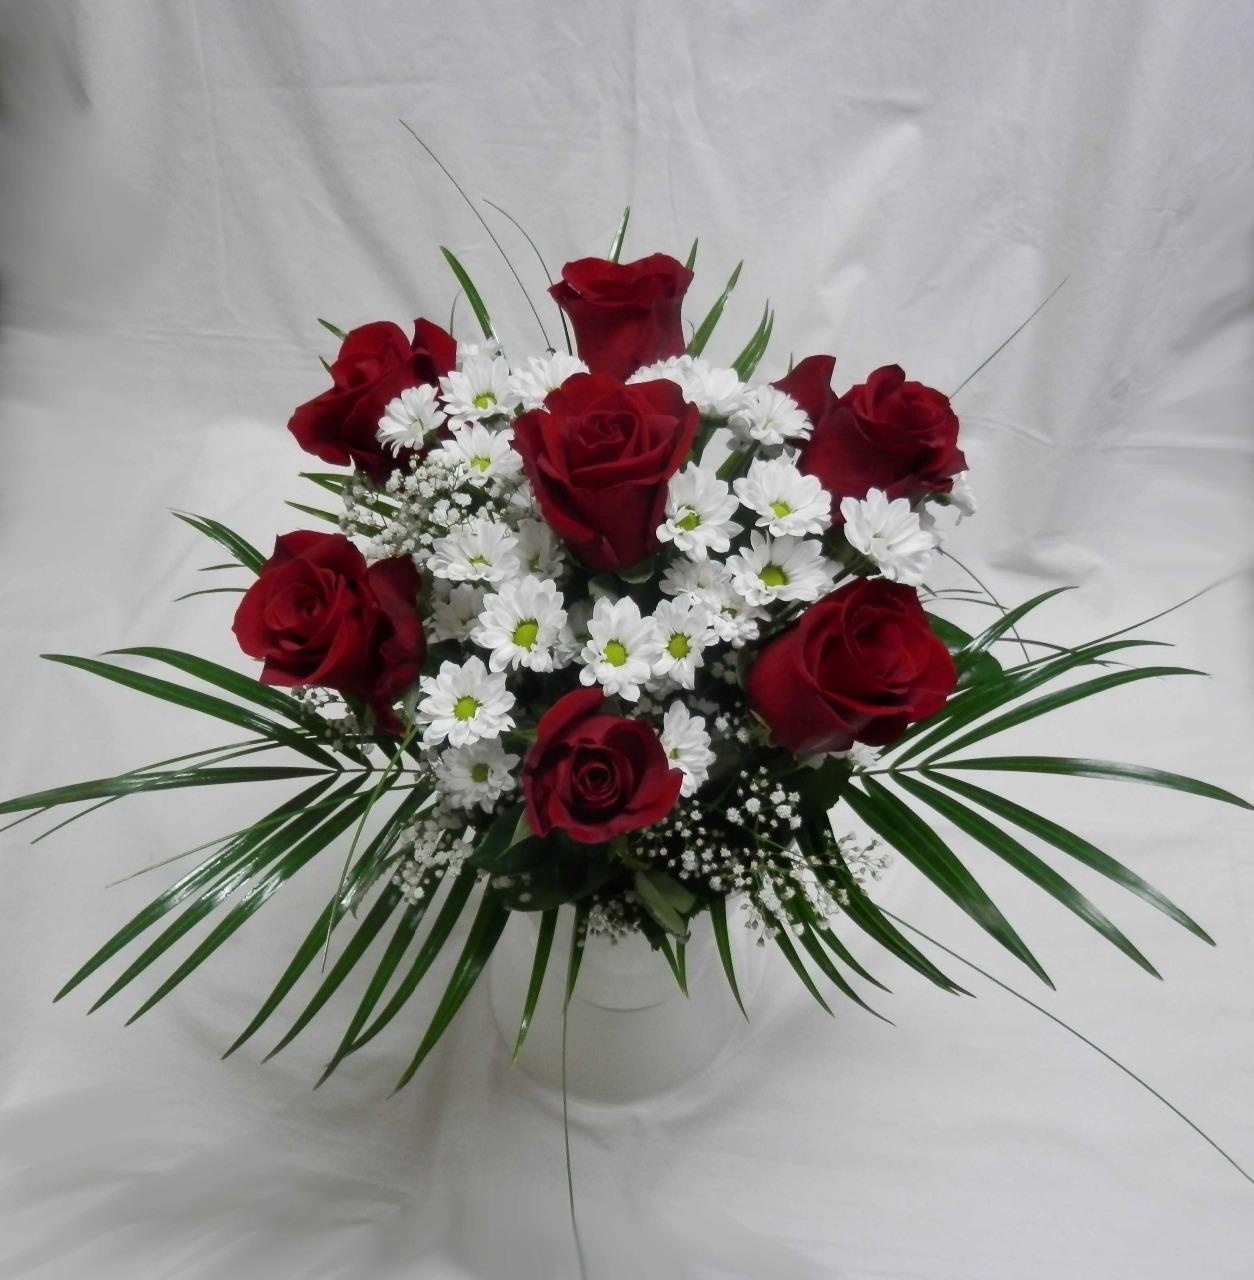 Donáška květin Tábor – udělejte radost voňavou kyticí - momentálně pozastaveno!!